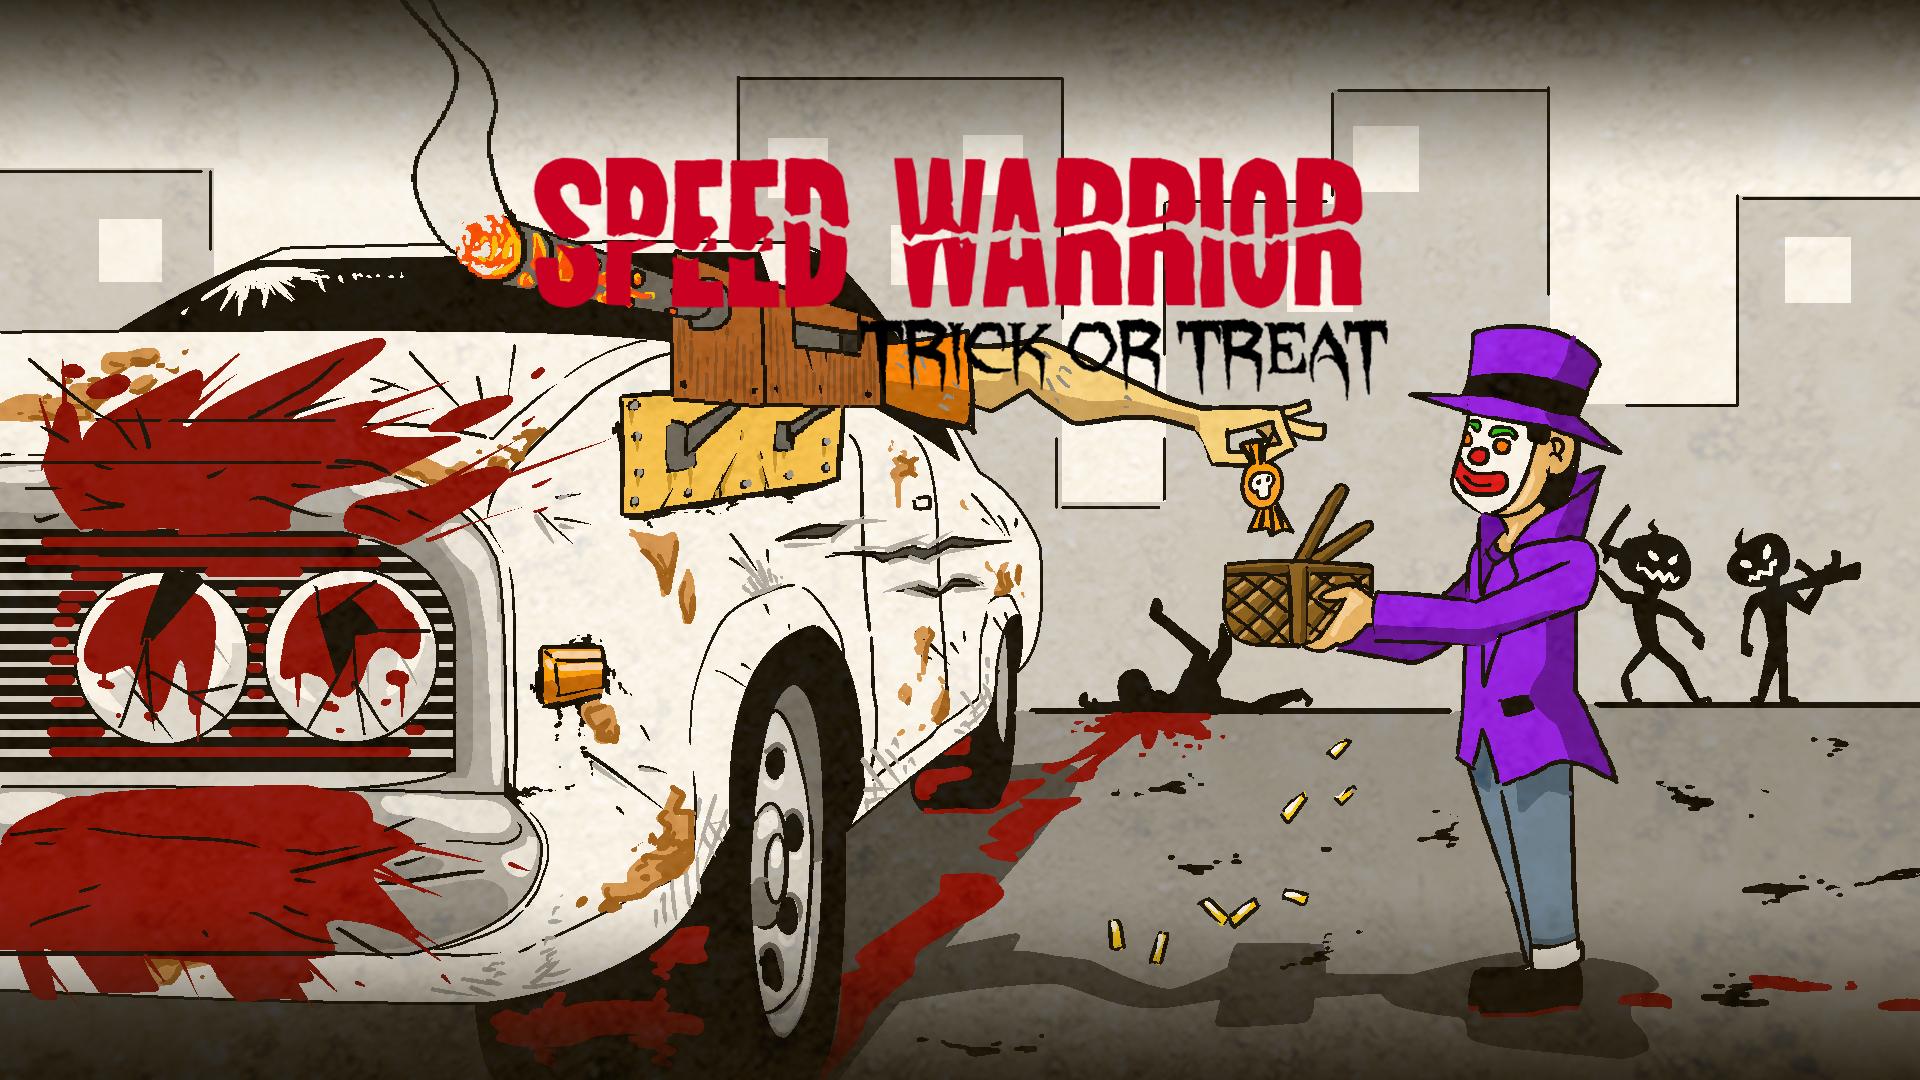 Speed Warrior Trick or Treat